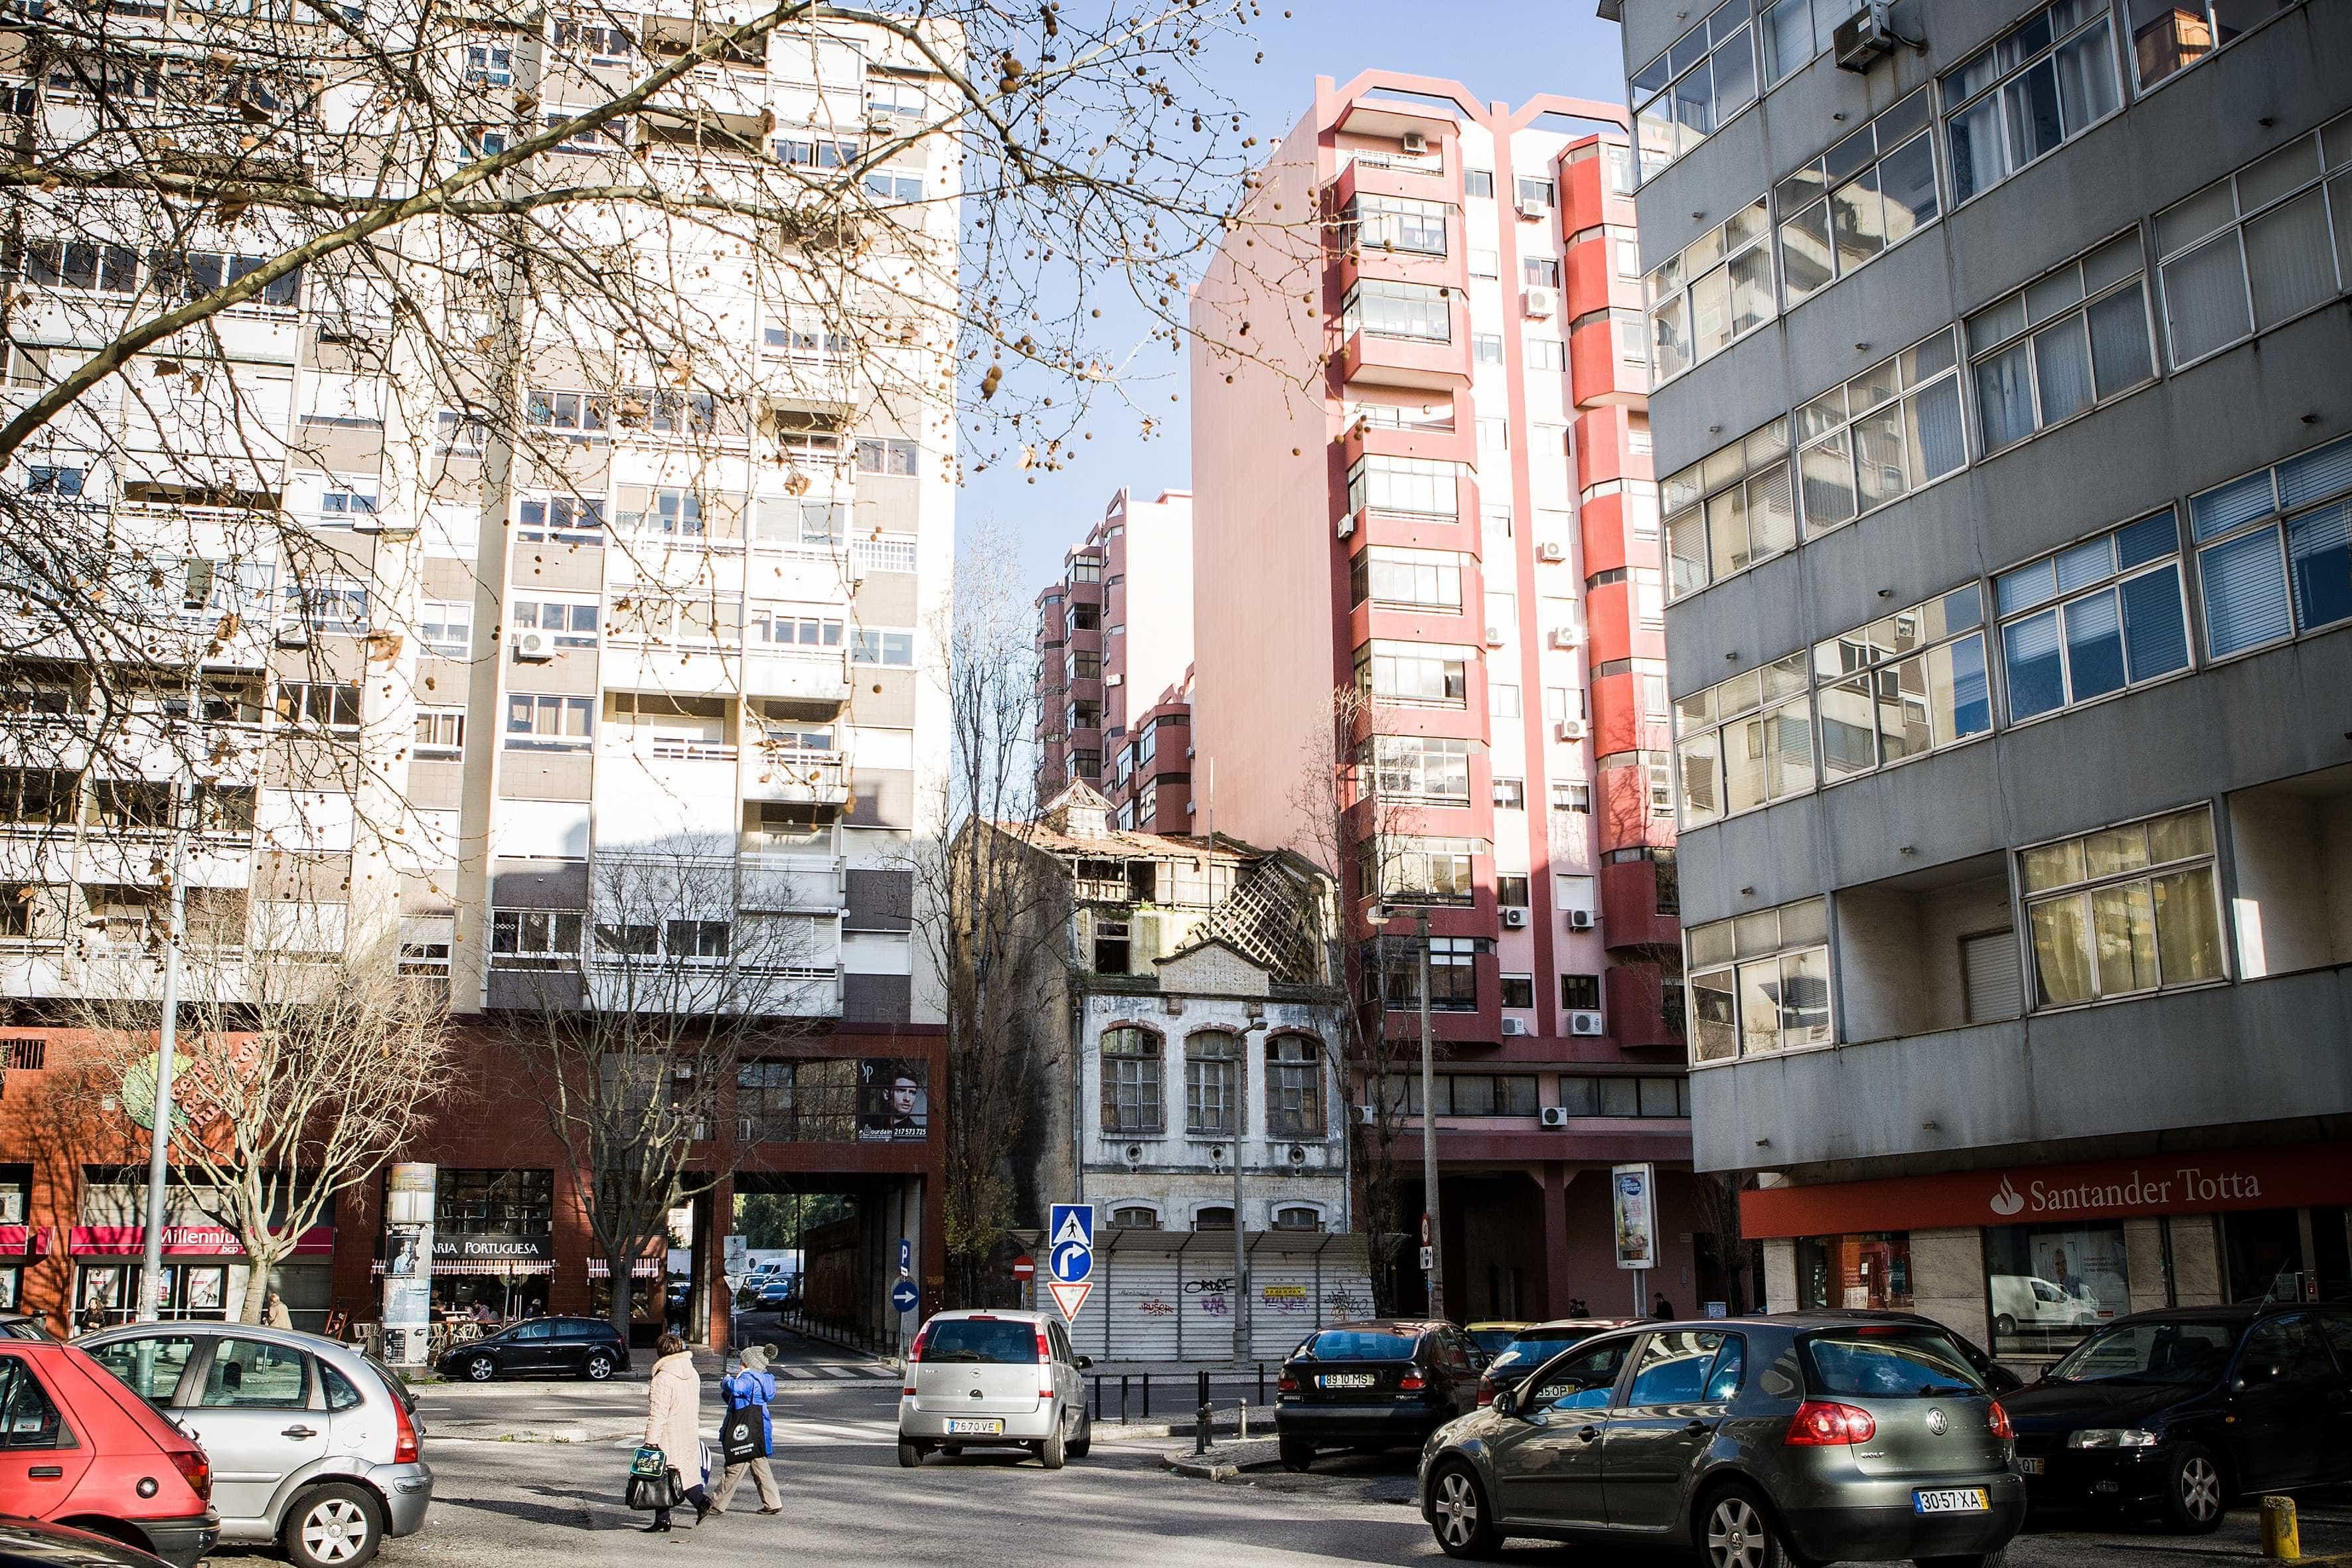 Oferta de casas vai aumentar em Lisboa (e os preços vão descer?)